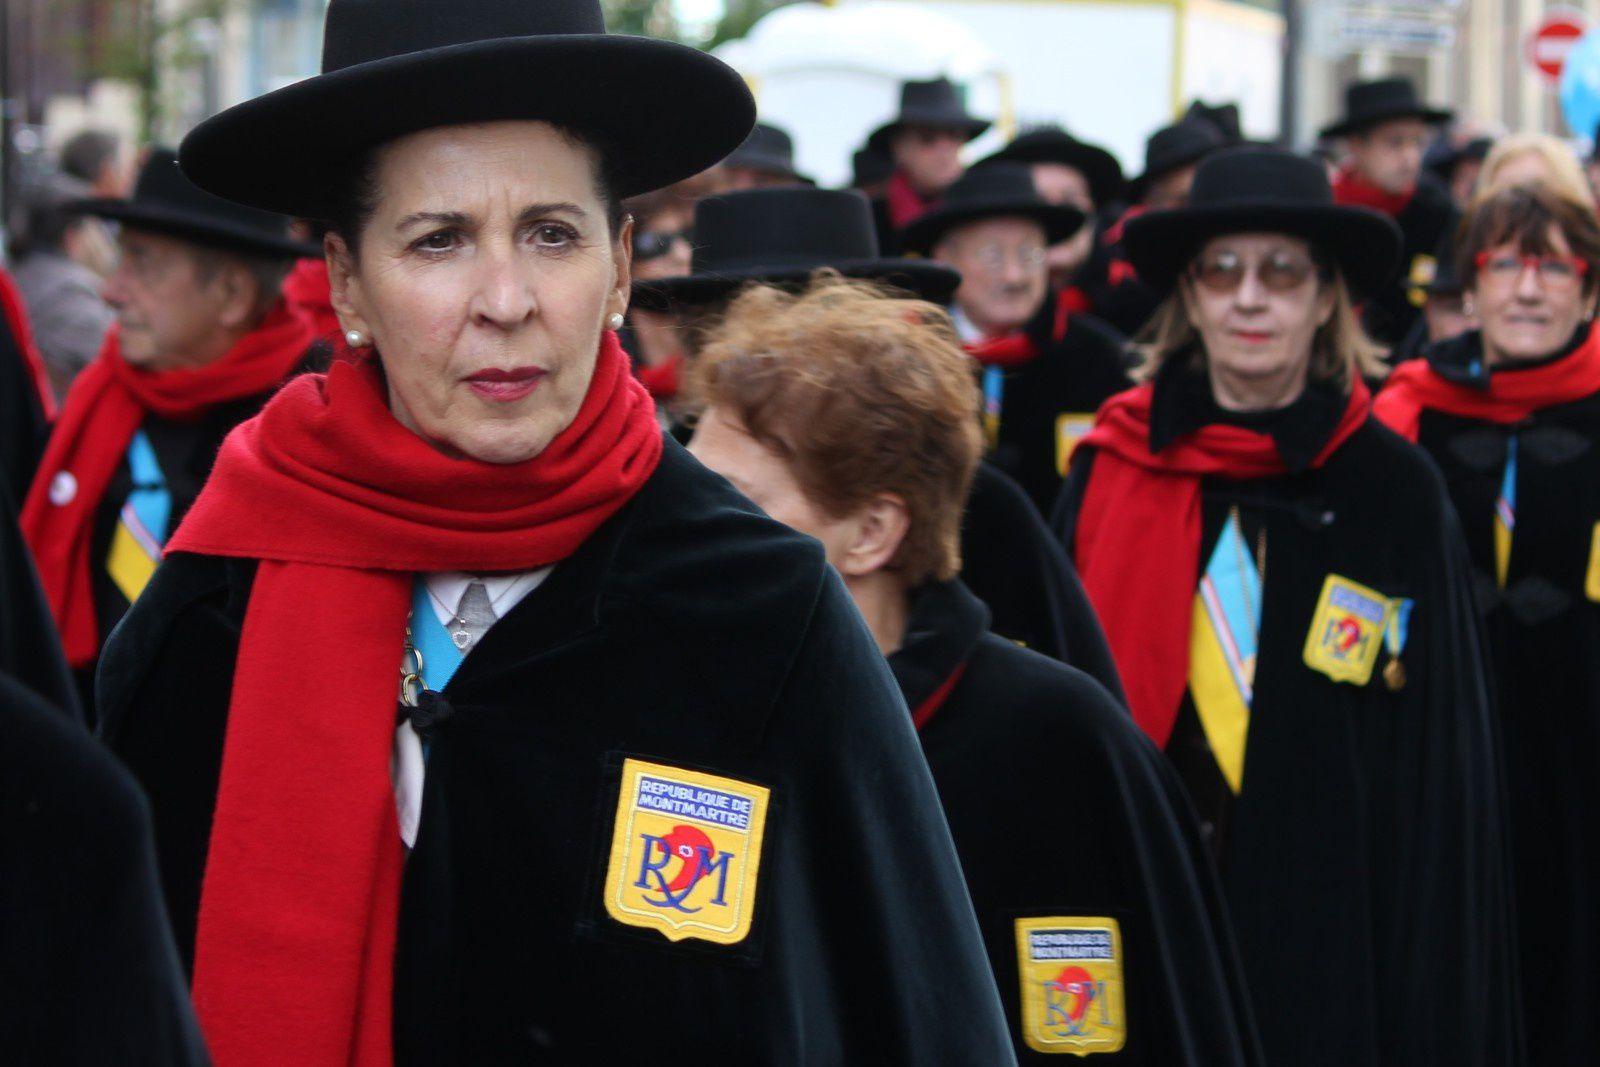 La république de Montmartre et son uniforme d'Aristide.